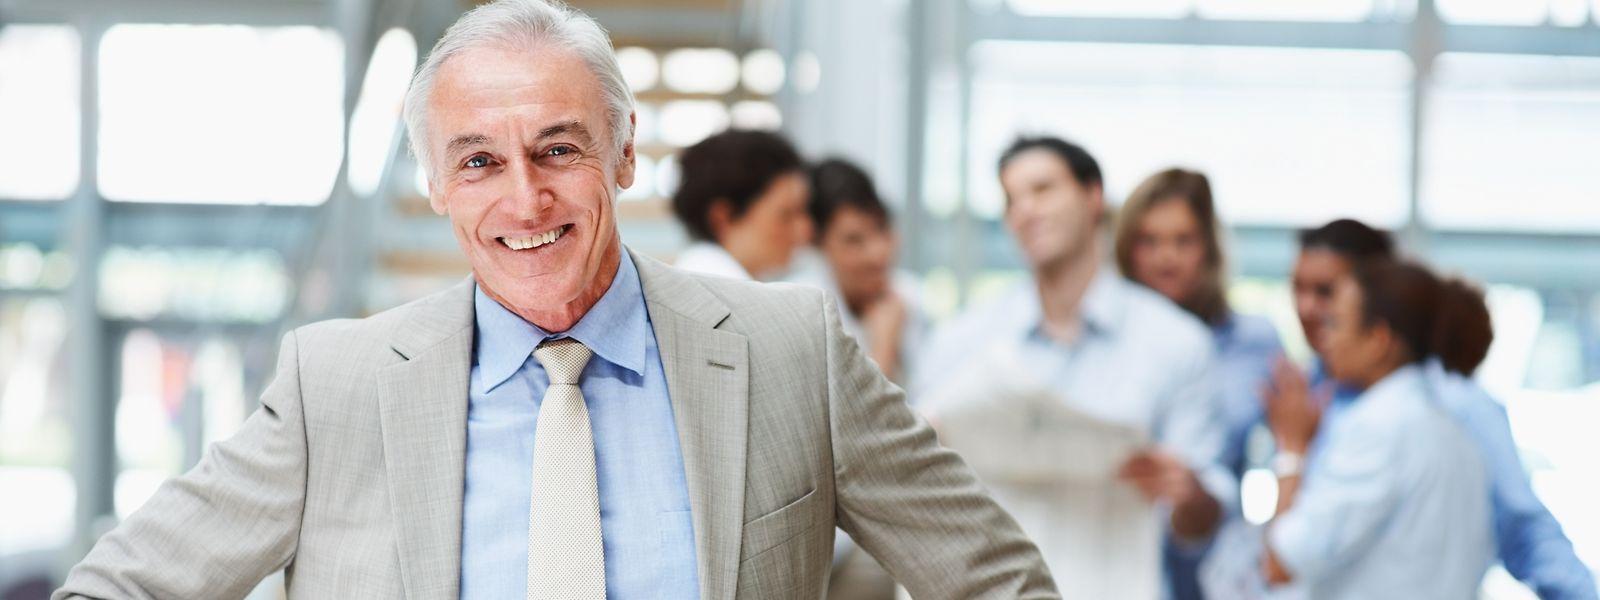 Steigt das Renteneintrittsalter, muss sich auch die Arbeitskultur ändern: Ältere Arbeitnehmer können durch ihre Erfahrung viel zum Unternehmenserfolg beitragen. Nicht jeder Berufsgruppe ist aber zuzumuten, länger zu arbeiten.